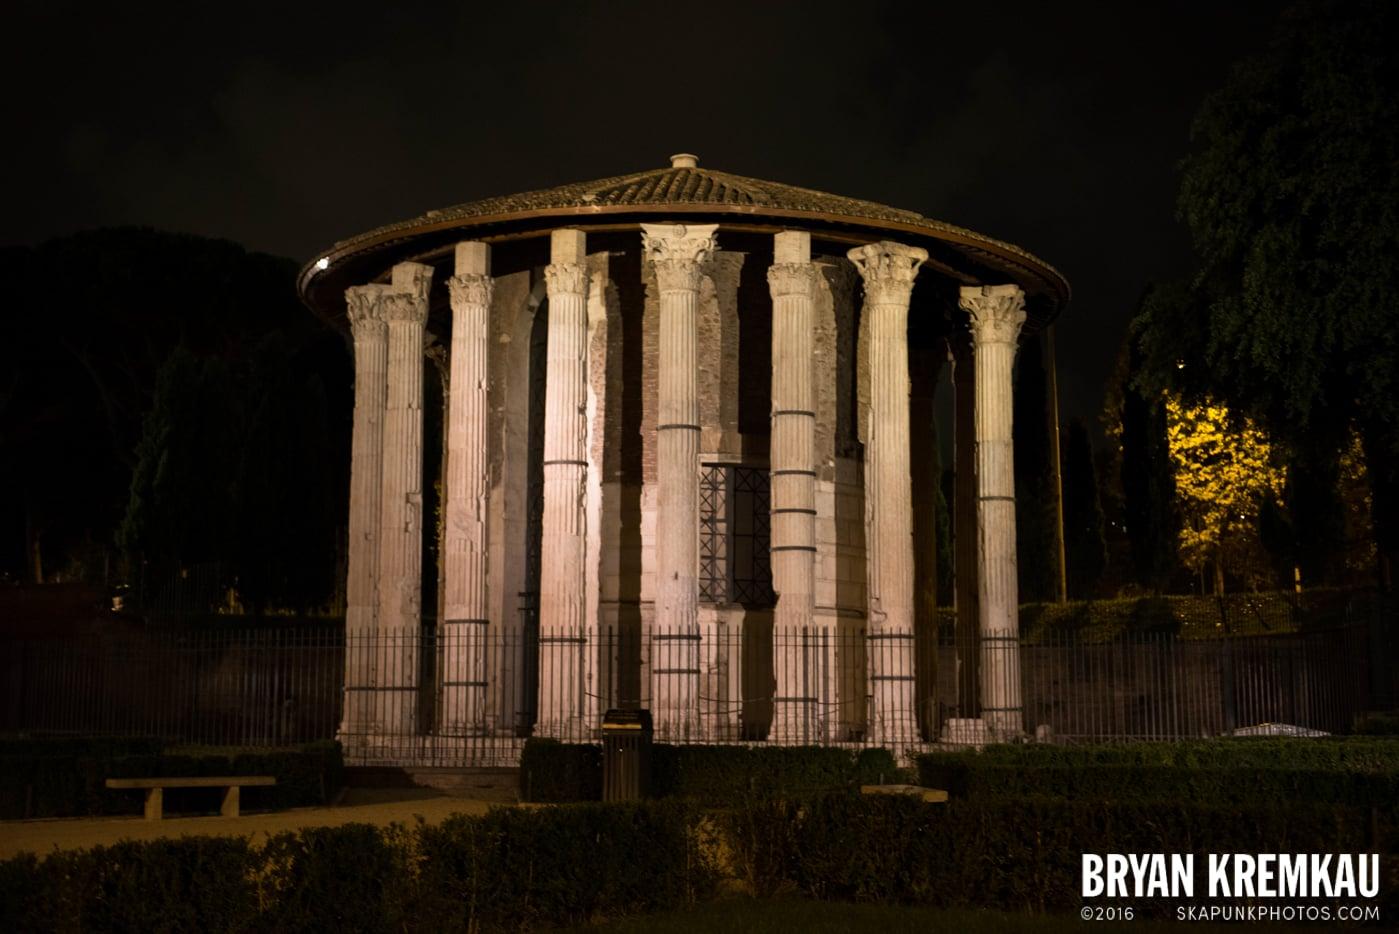 Italy Vacation - Day 2: Rome - 9.10.13 (20)